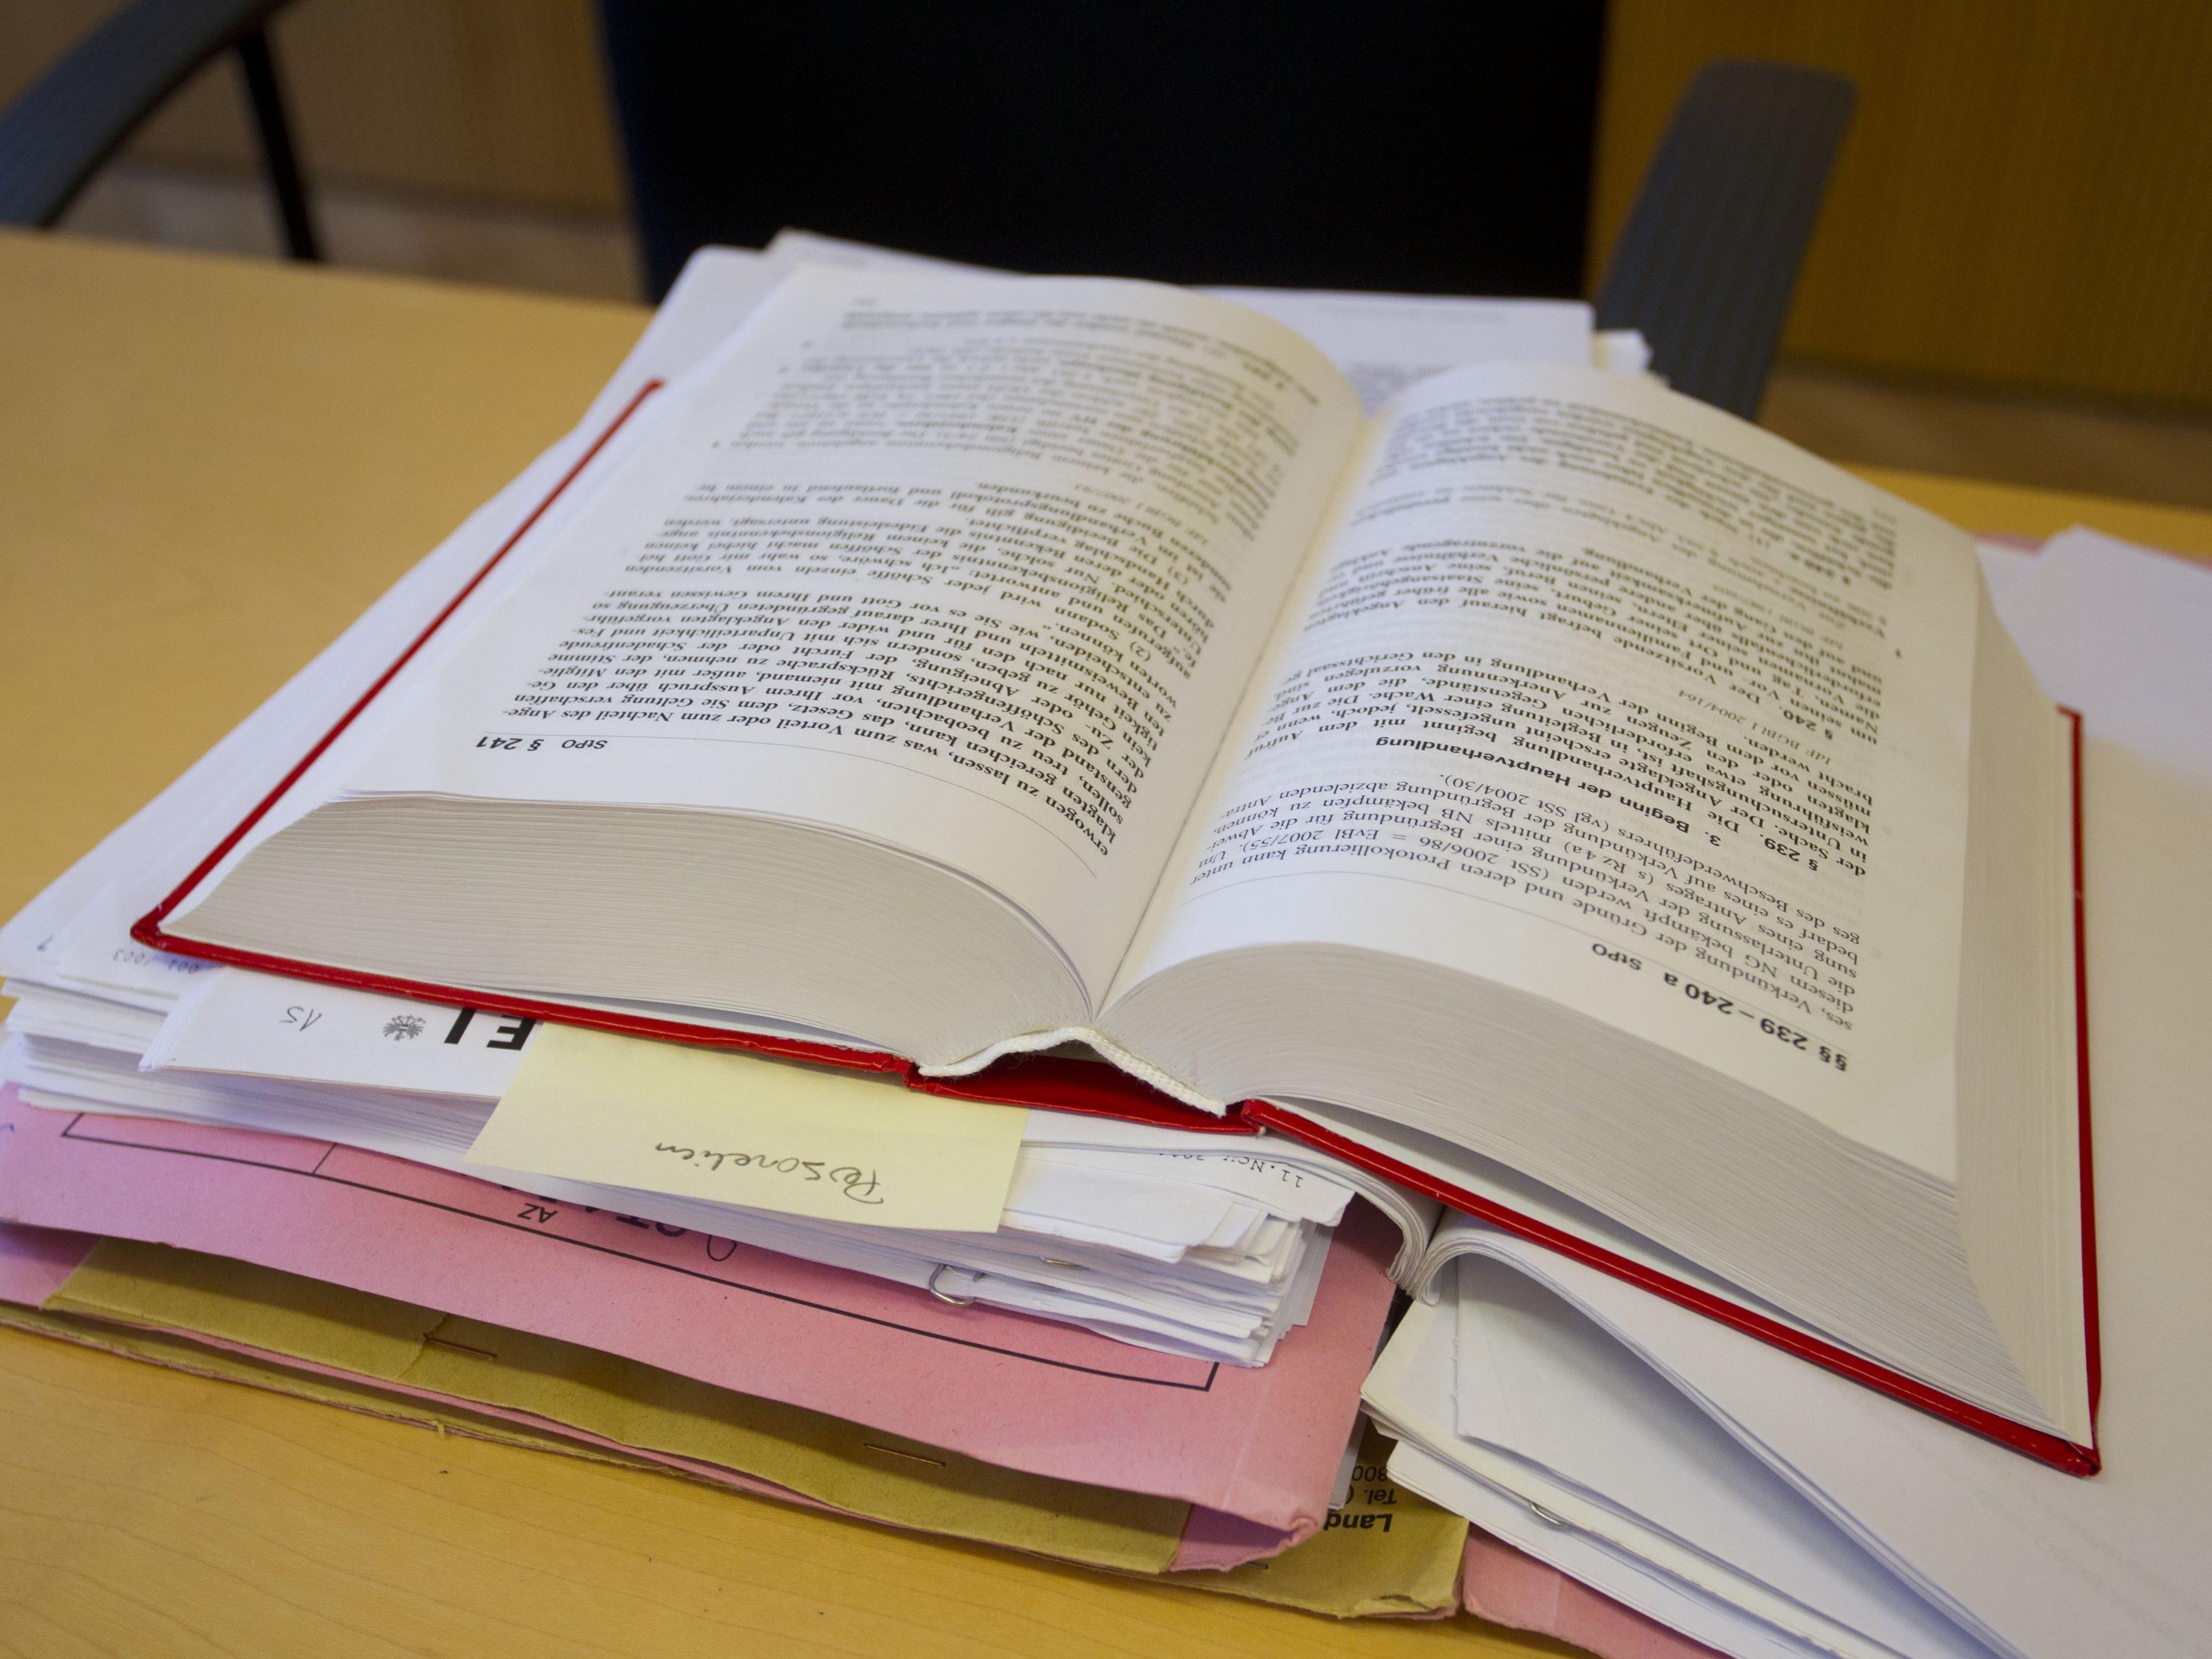 Der vollen Berufung der Angeklagten gegen das Feldkircher Ersturteil gab das Oberlandesgericht (OLG) keine Folge.